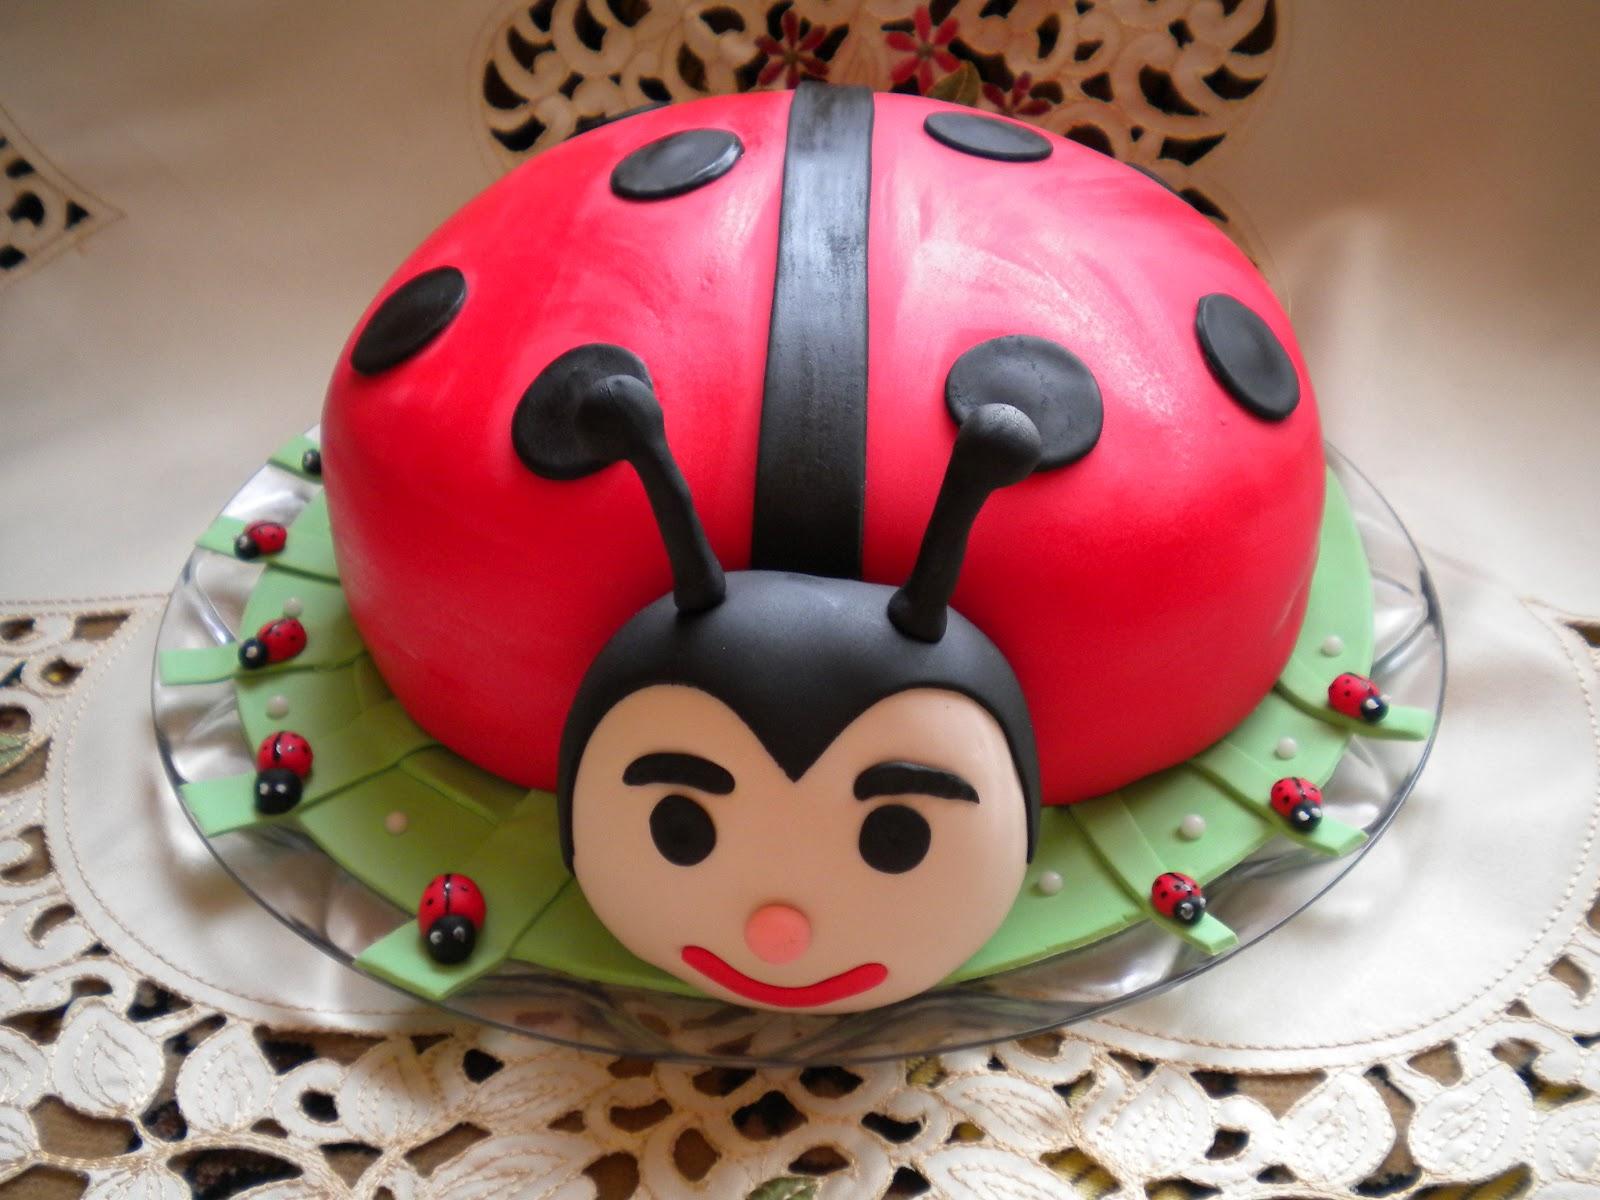 katicabogár torta képek Anikó Süteményei és tortái: Katicabogár torta katicabogár torta képek